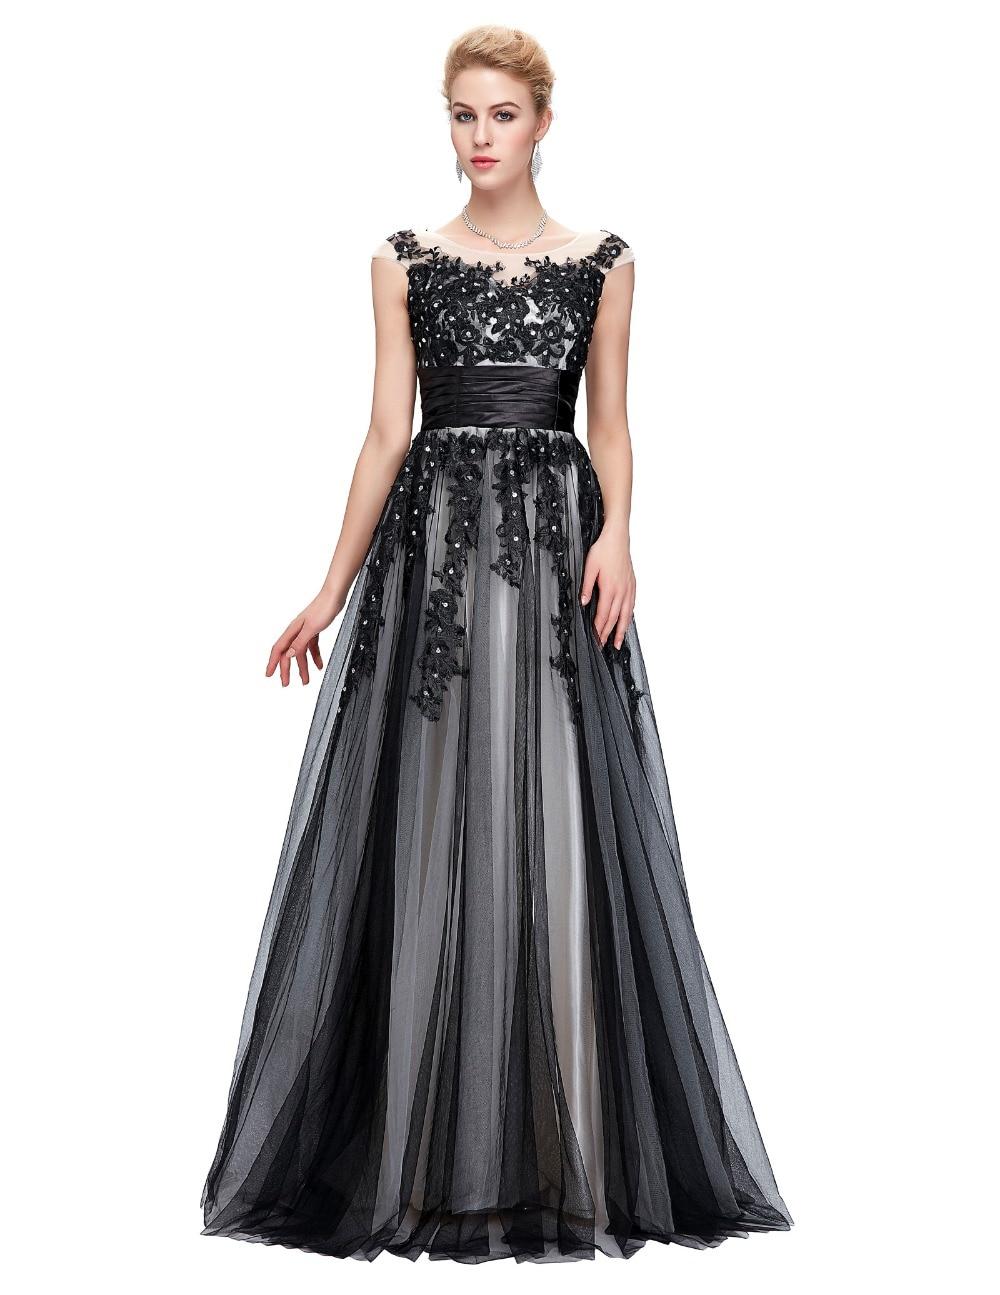 Robe De Soiree Longue Sexy Lace Applique Evening Dresses